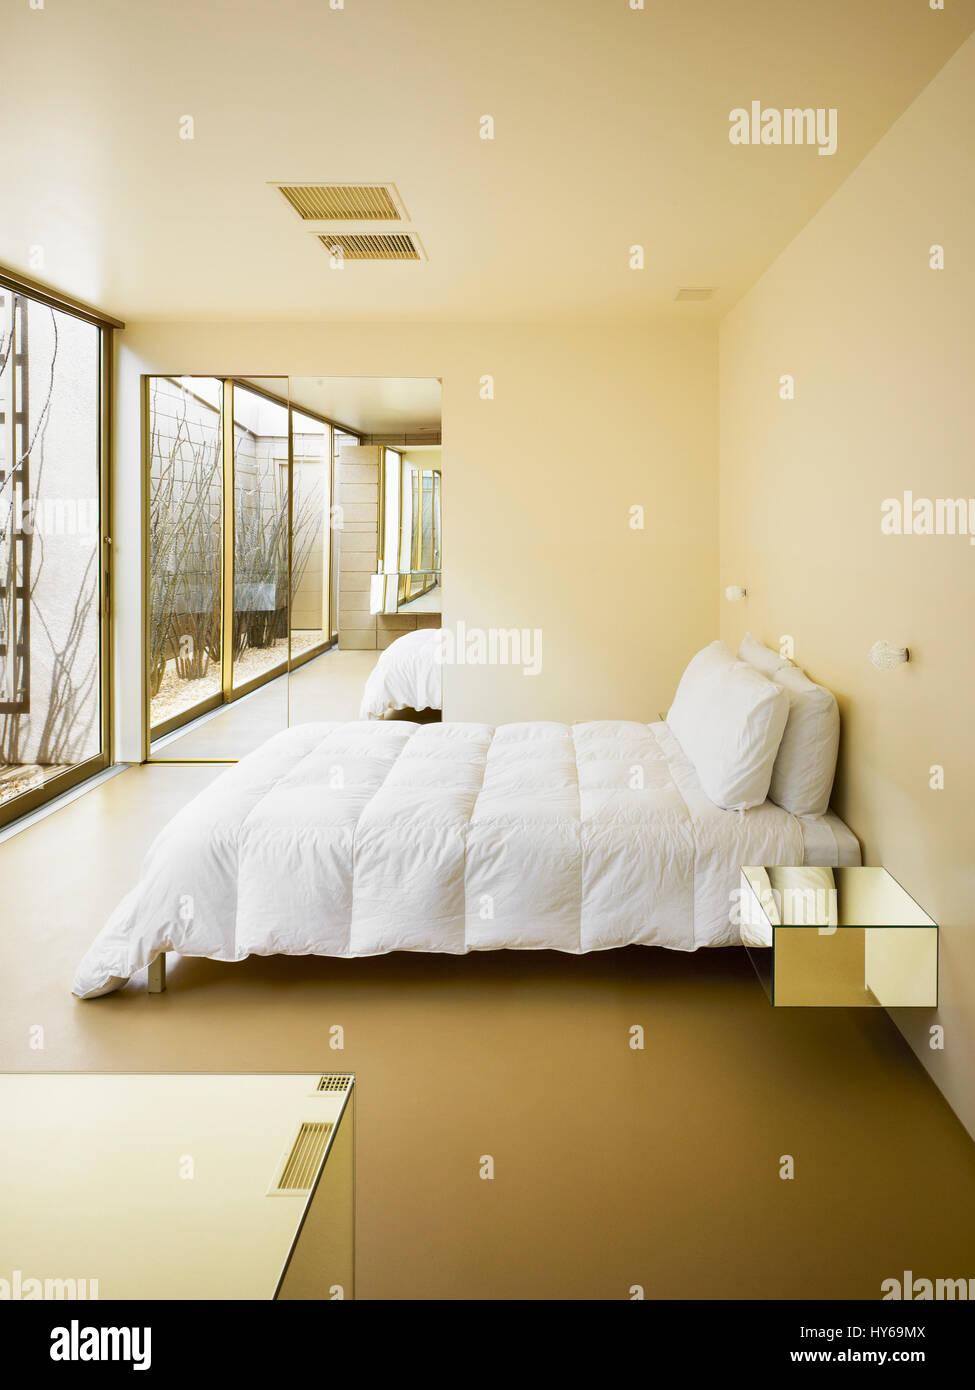 Camera da letto con armadio con specchi in background. Acido Dorado ...